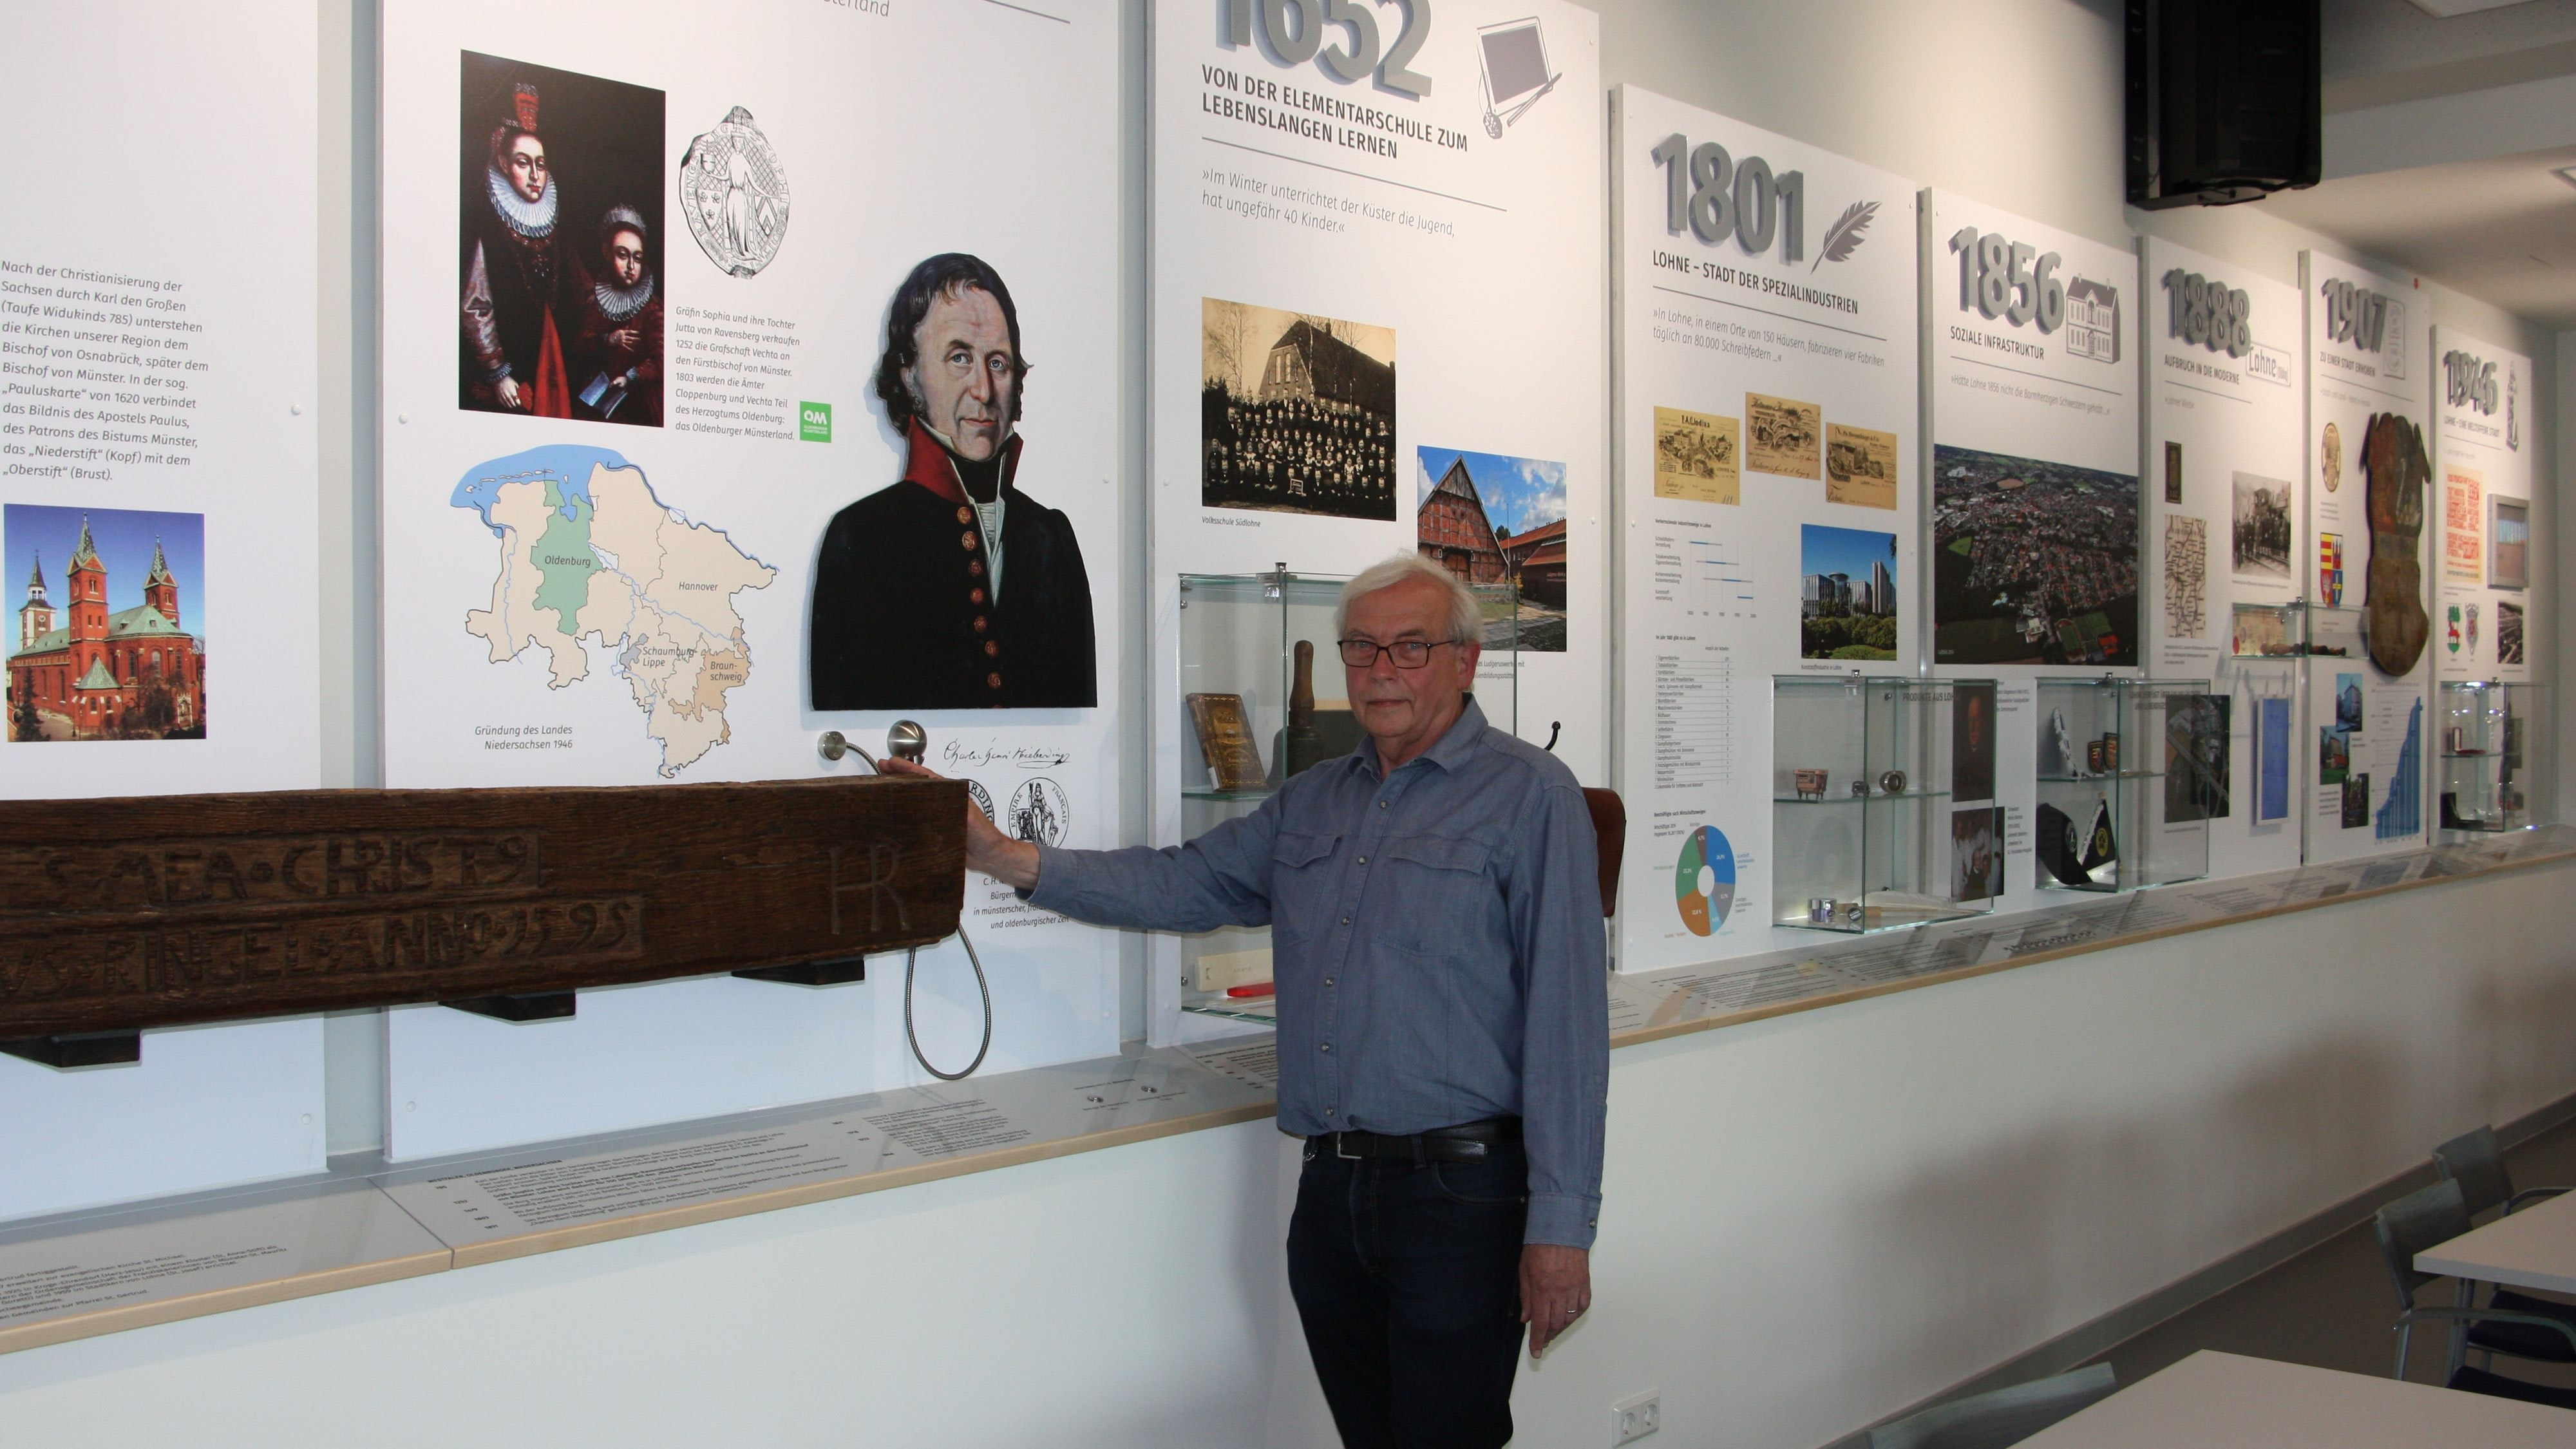 Vom Jahr 980 bis in die heutige Zeit: Der ehrenamtliche Museumsleiter und 1. Vorsitzende des Trägervereins, Benno Dräger, steht vor der Lohner Wand. Foto: Kessen